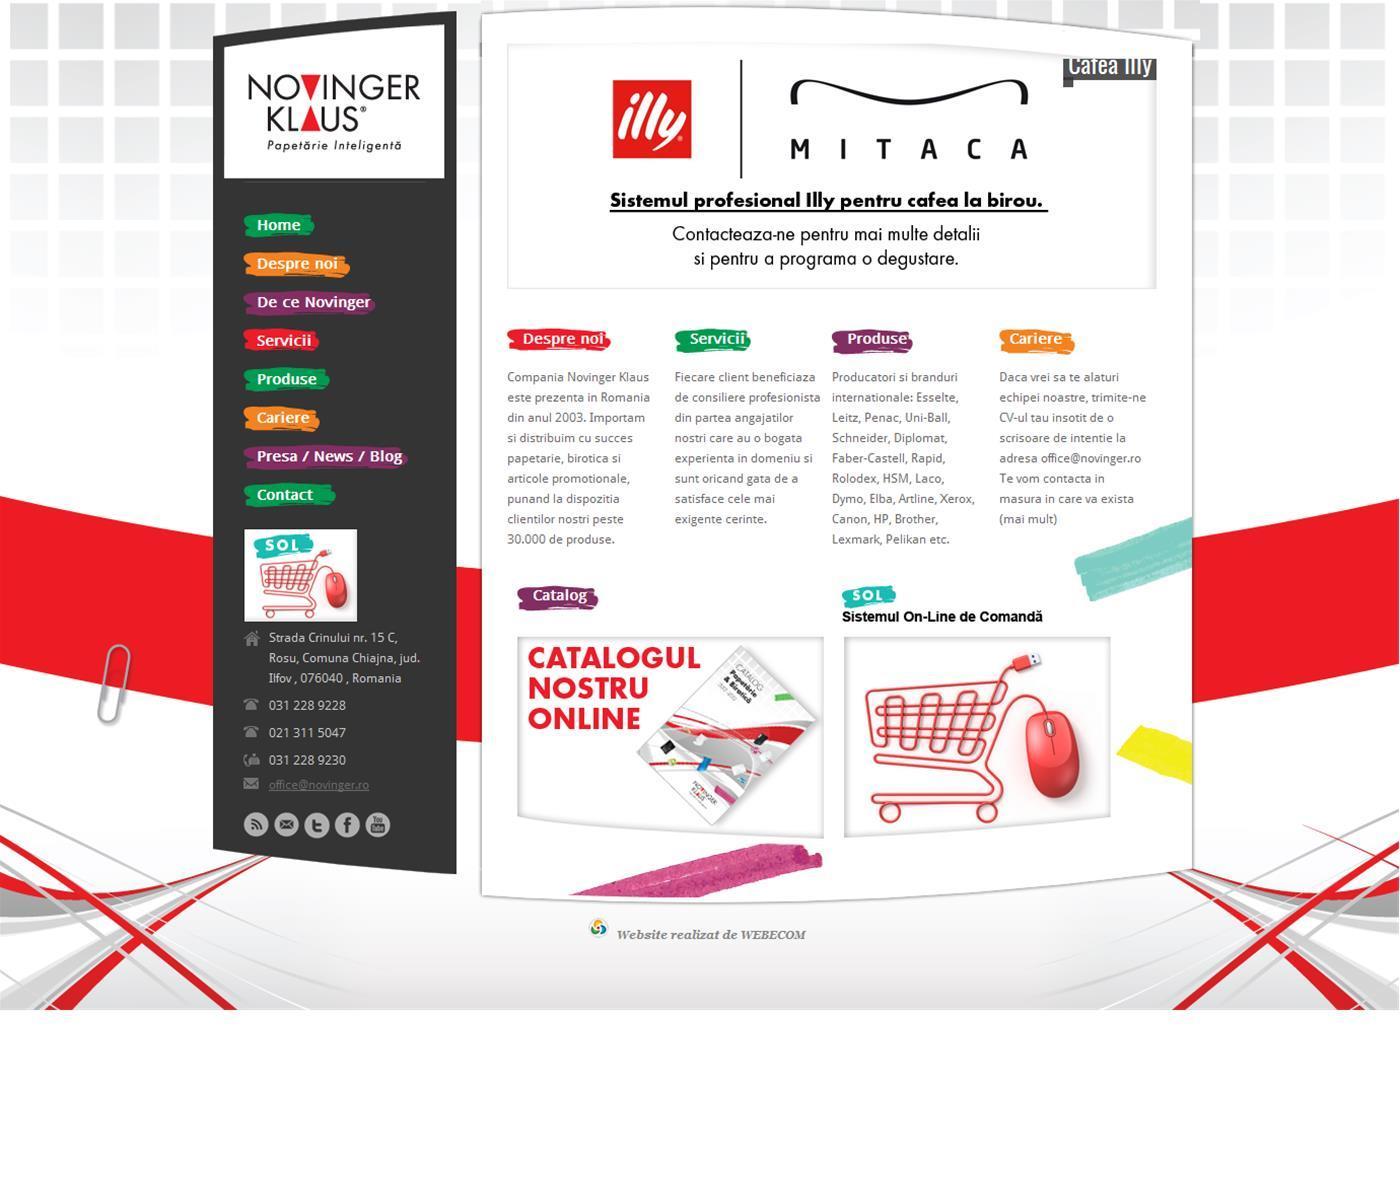 Distribuitori de papetrie, birotica, articole promotionale.